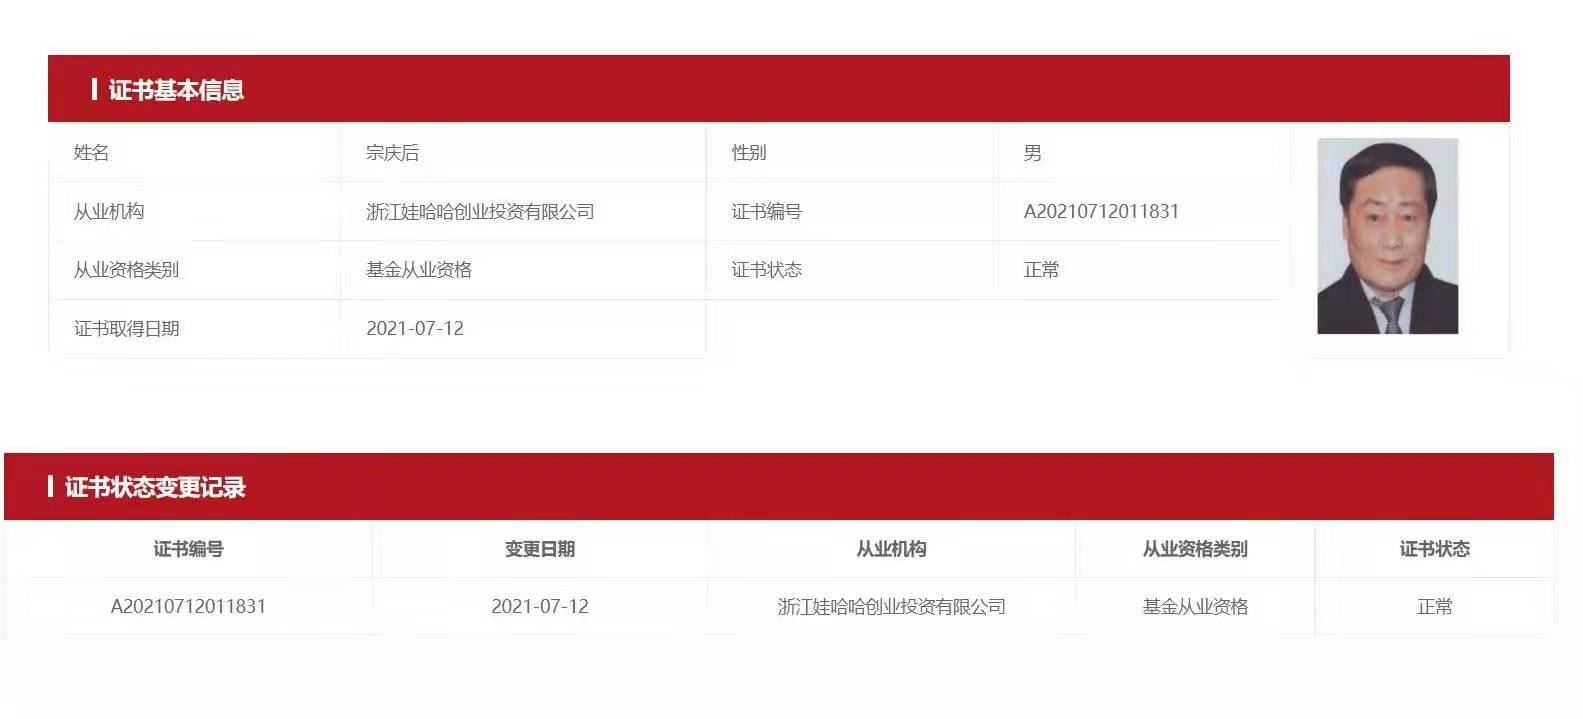 67岁中国首富钟��进军私募基金,身家4454亿元